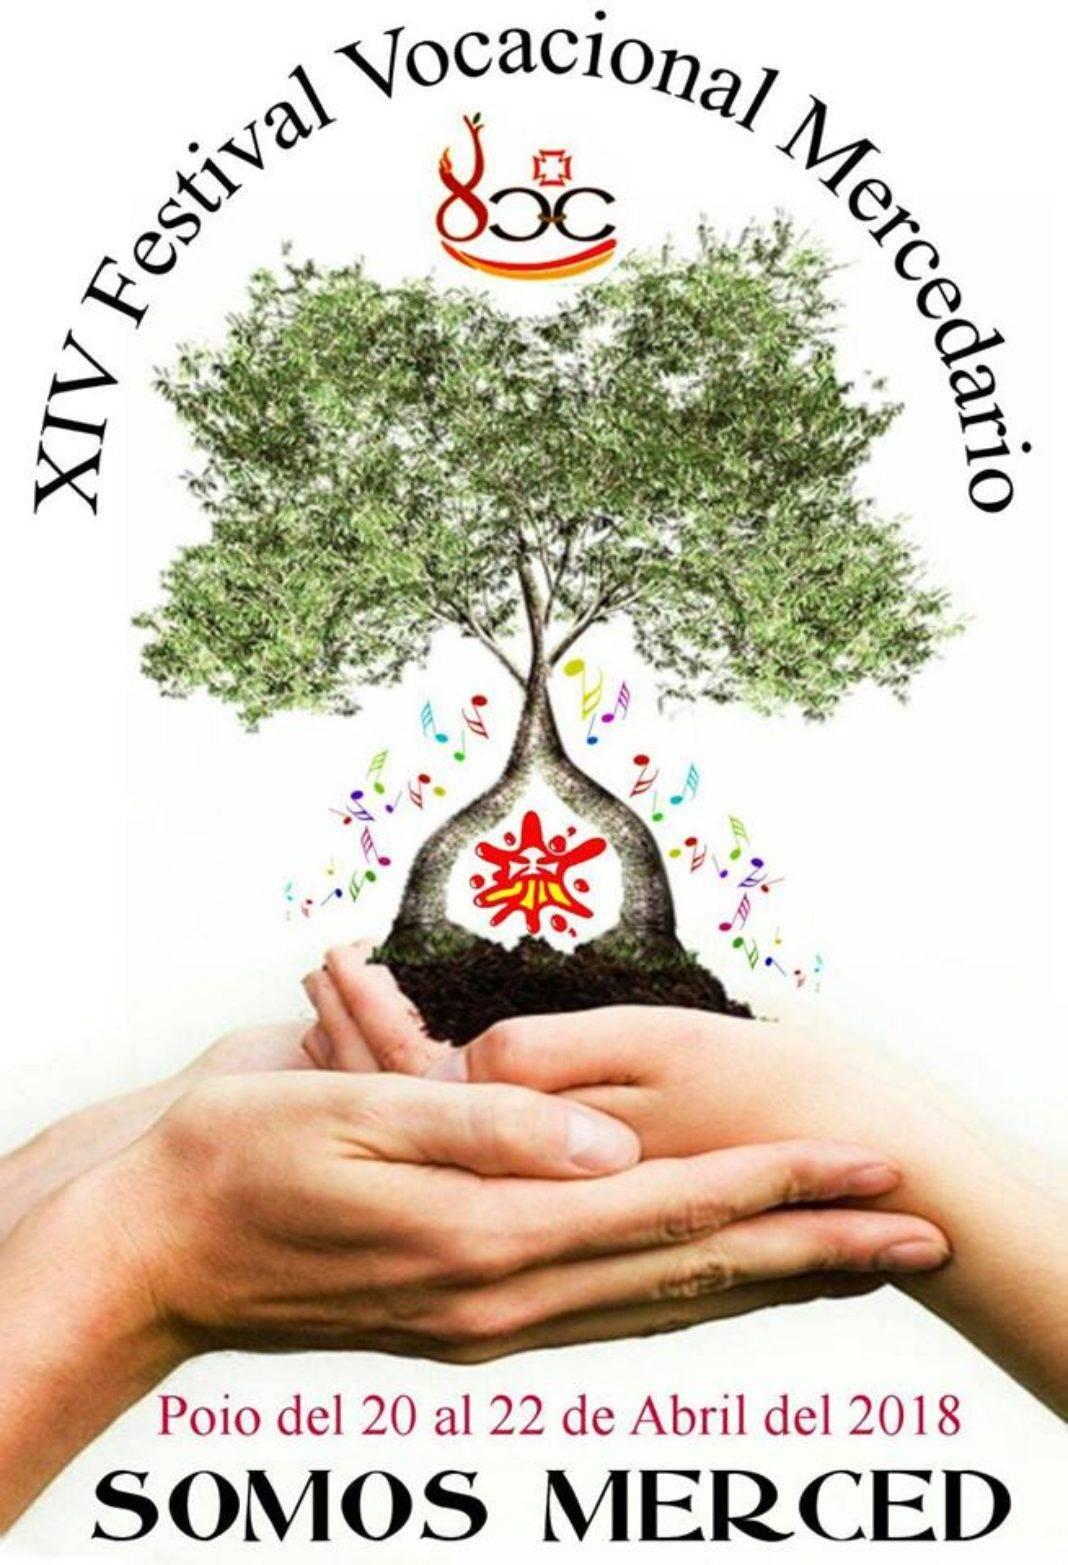 Herencia estará el el XIV Festival Vocacional Mercedario de Poio 4